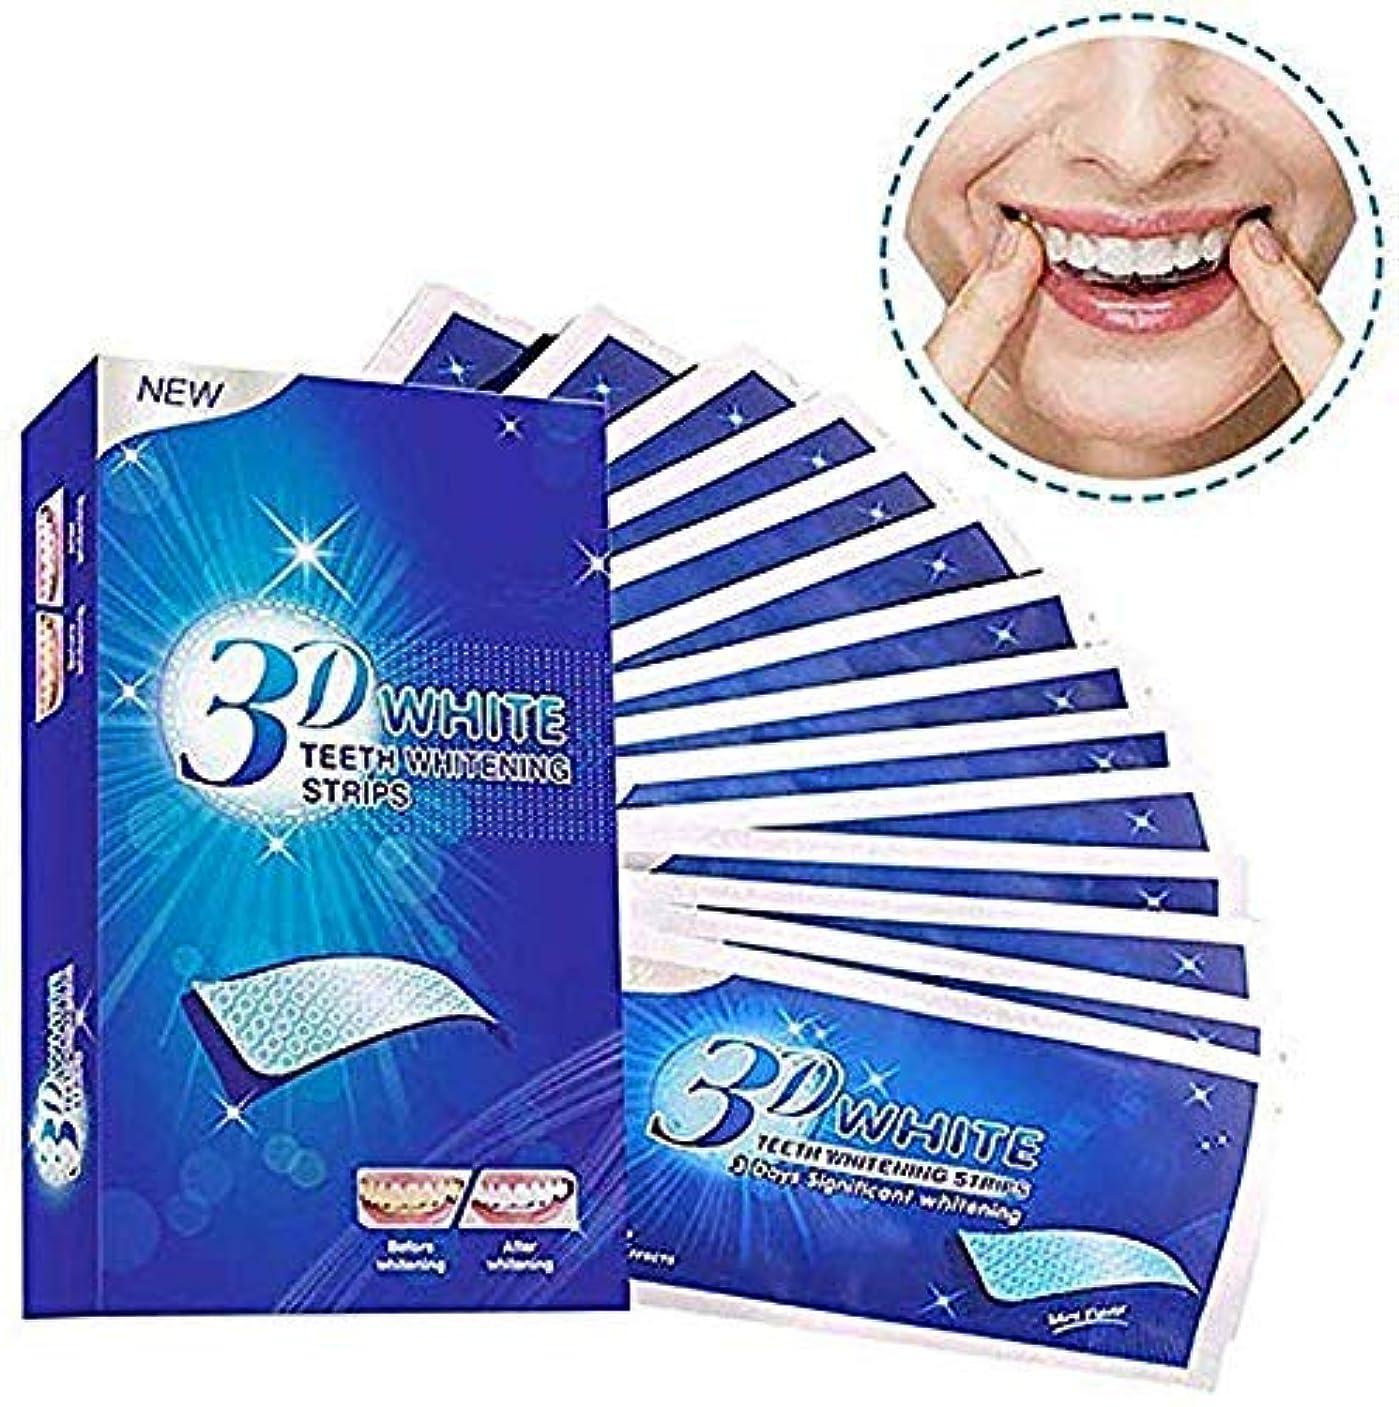 宣言する服を洗う熱意歯のホワイトニングストリップ、14 PCS漂白ストリップProfessional 3Dノンスリップ歯のホワイトニングキットゼロ感度の歯のホワイトニングキット